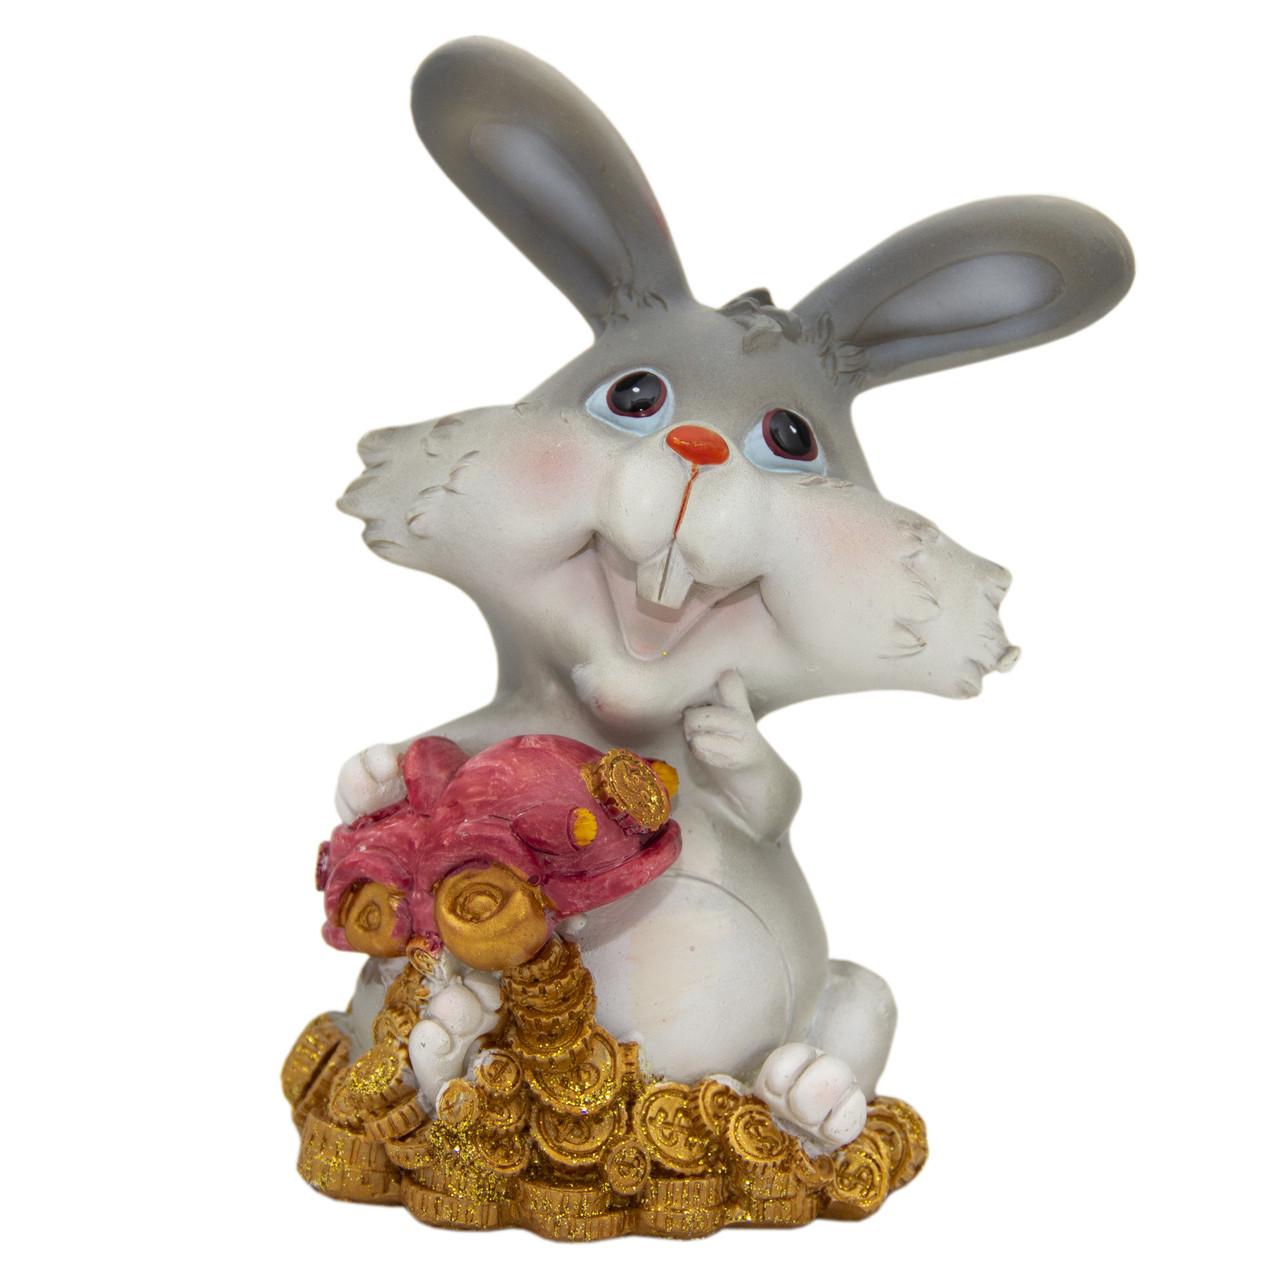 Фигурка сувенирная Кролик-копилка с машиною, 14см (440405-1)